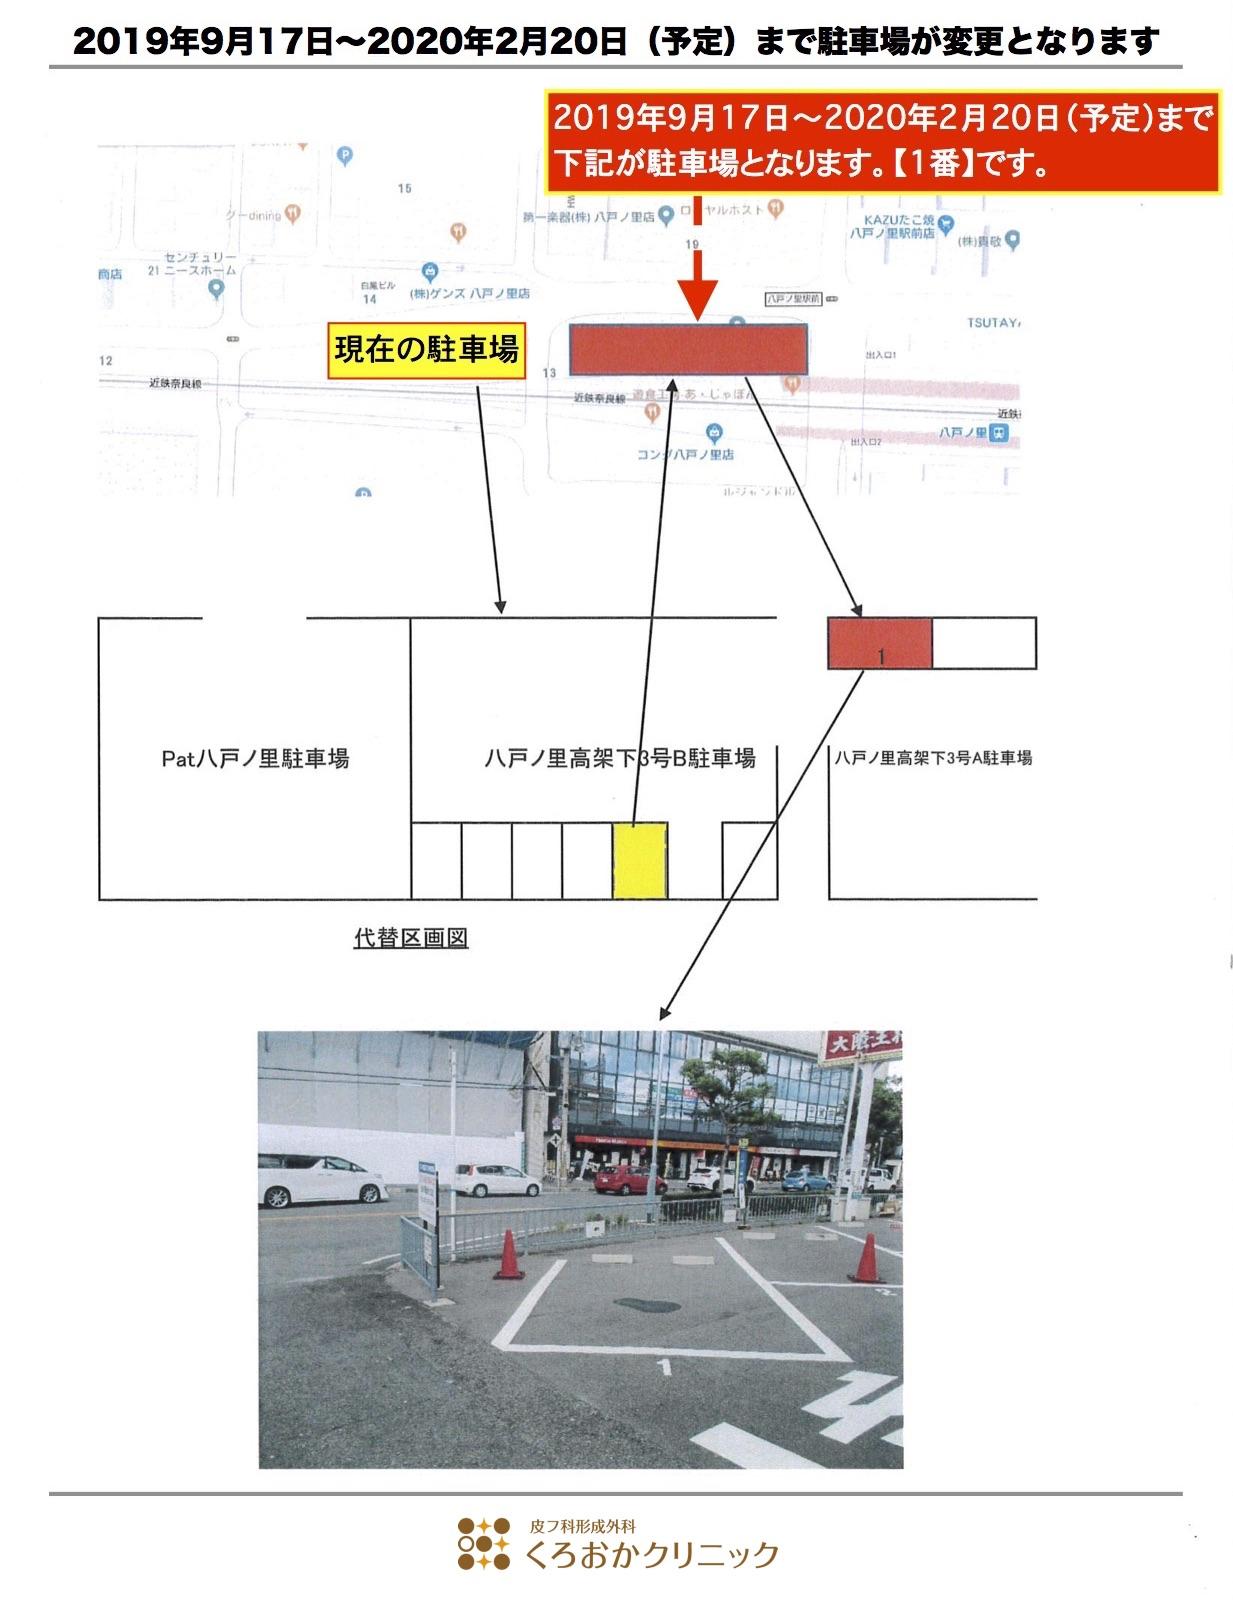 駐車場位置一時変更のお知らせ